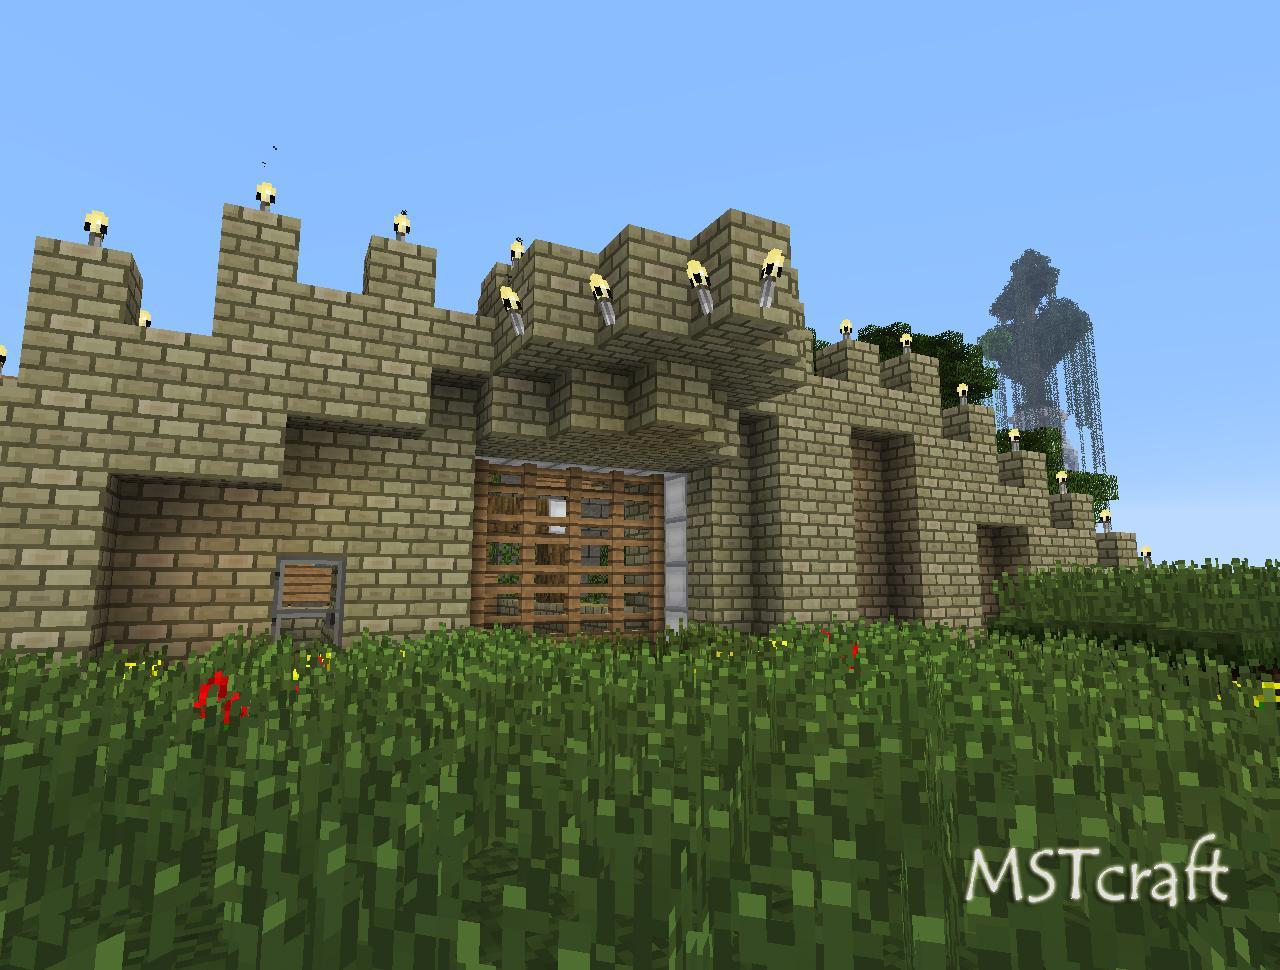 http://minecraft-forum.net/wp-content/uploads/2013/06/a204a__MSTCraft-texture-pack-1.jpg